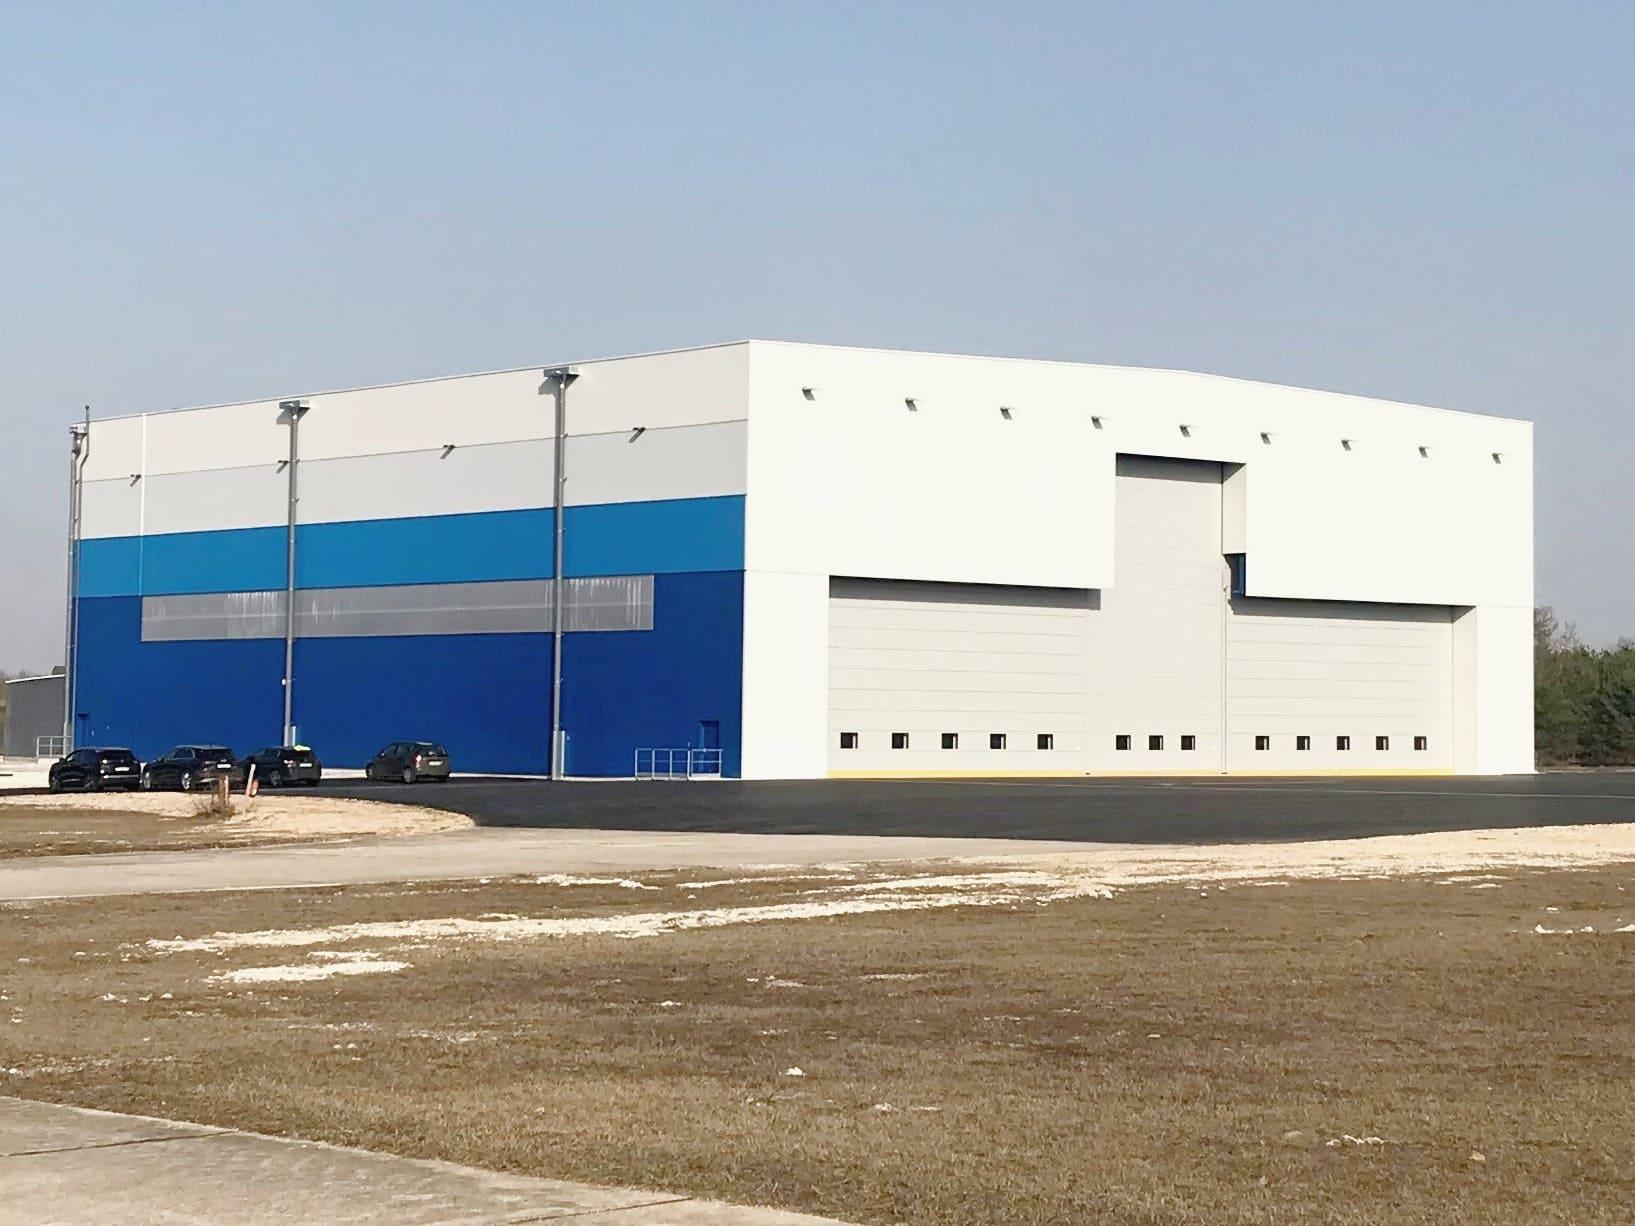 Nouveau hangar 2500 m2 de l'aéropor